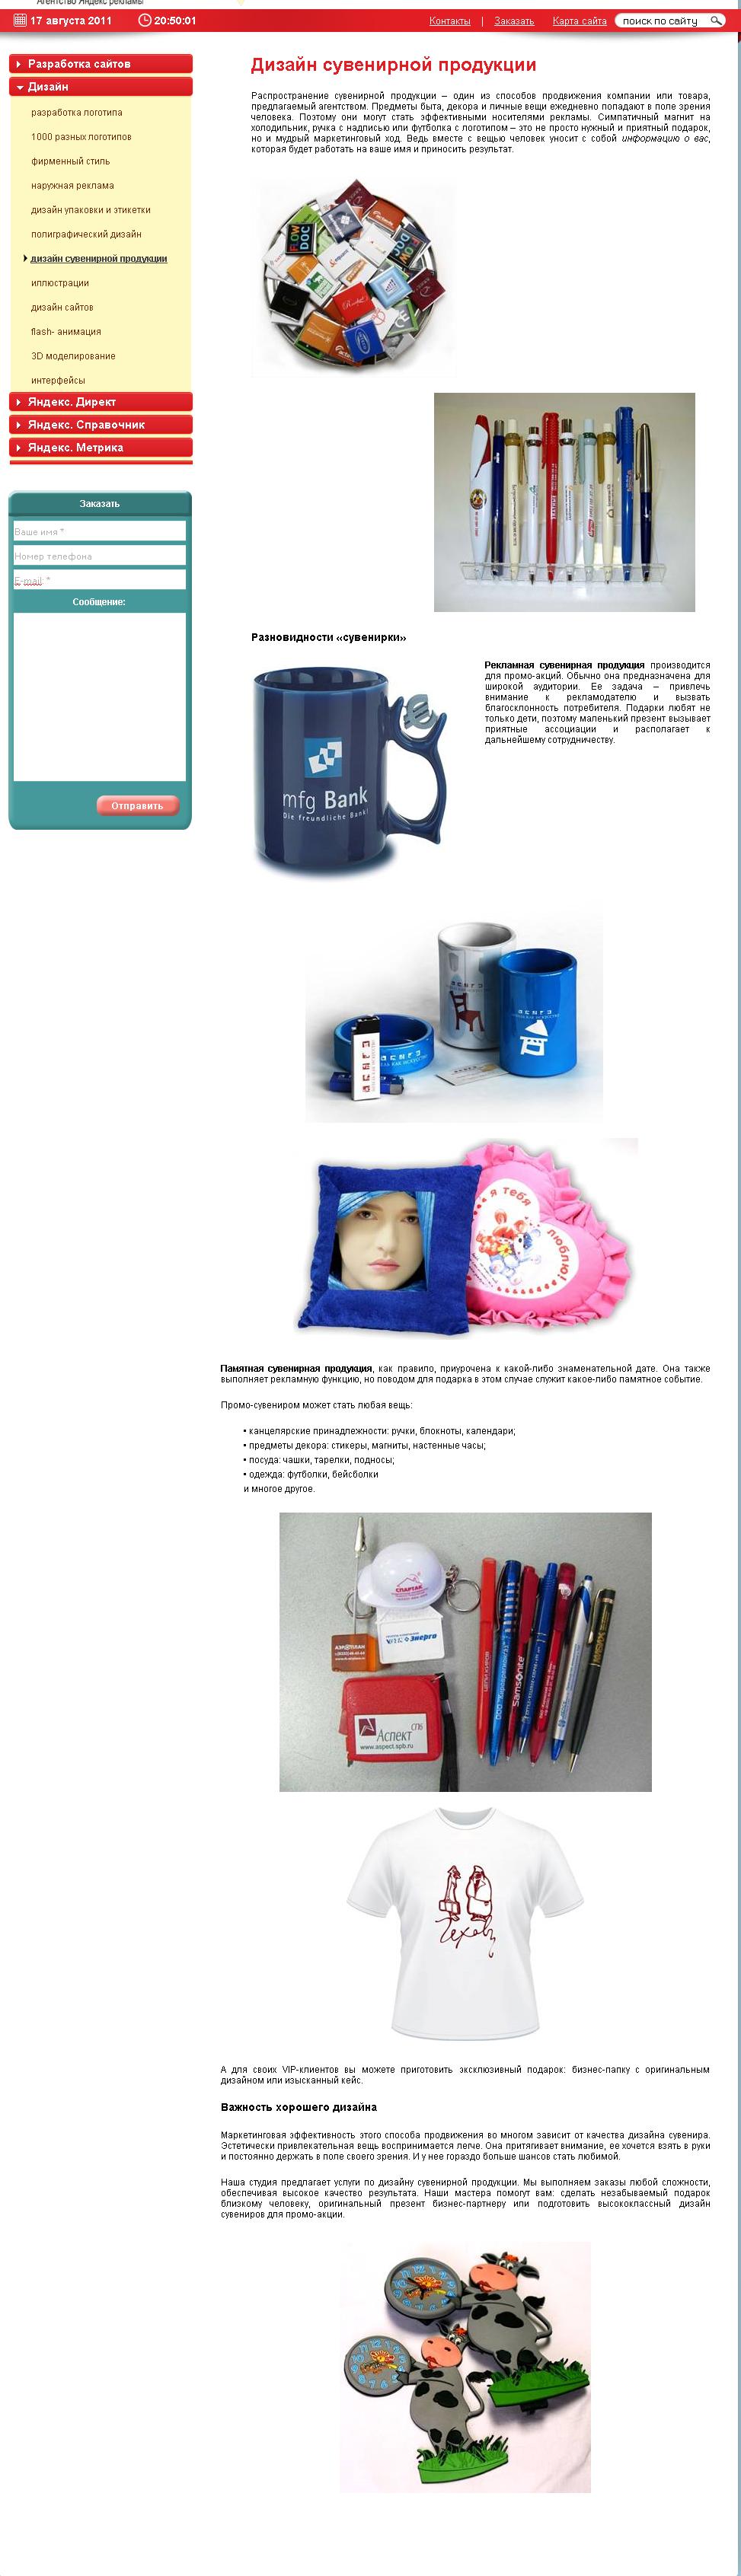 Дизайн сувенирной продукции